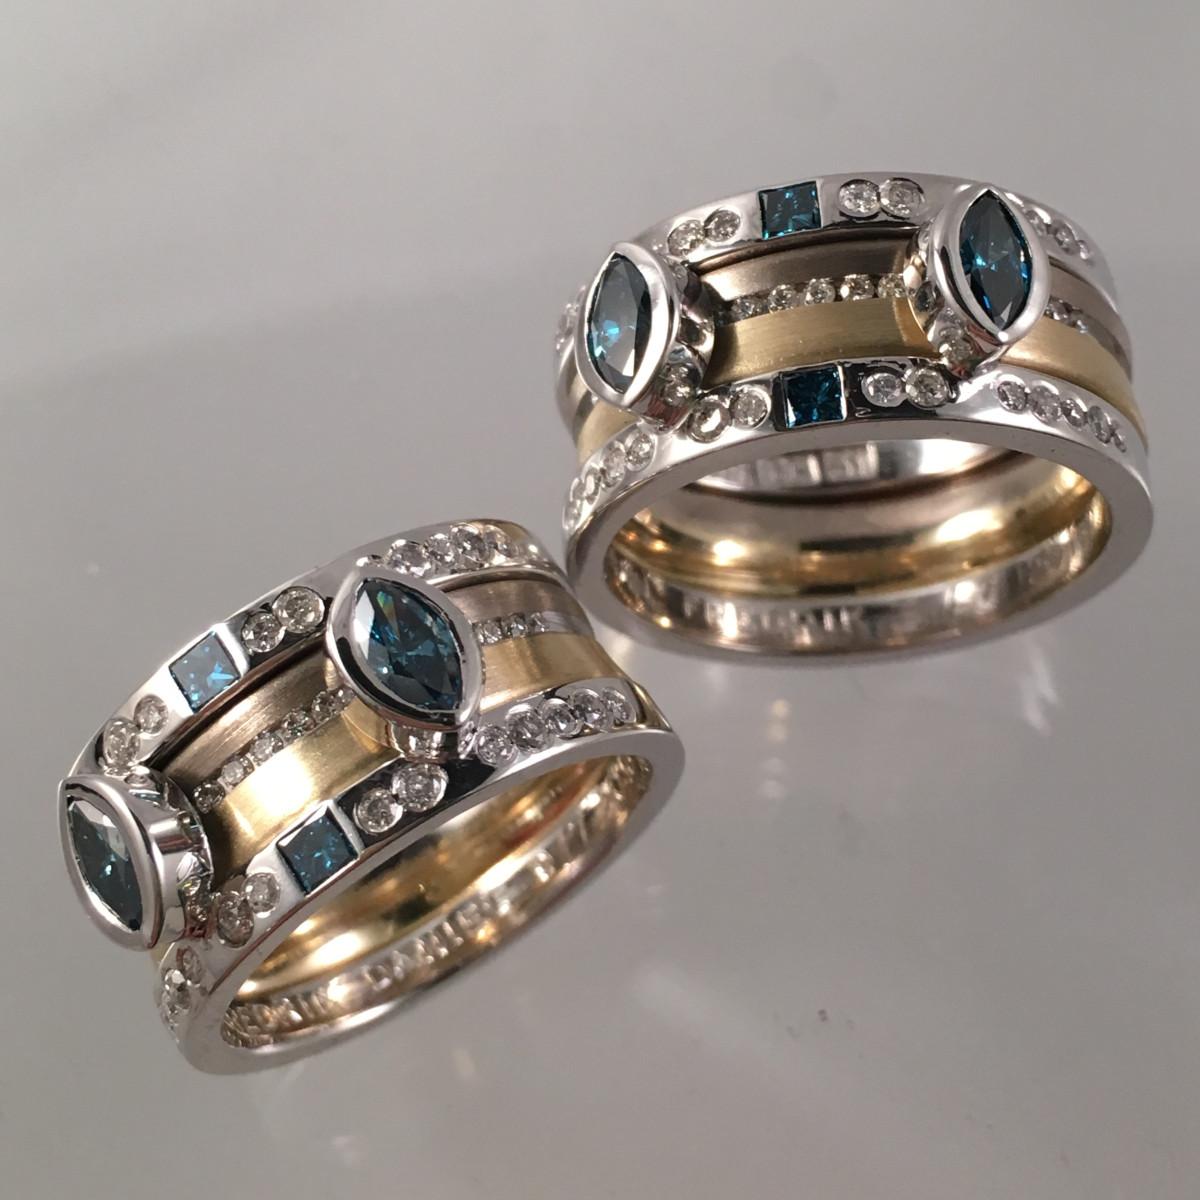 Flerfärgade ringar, förlovningsringar, herringar